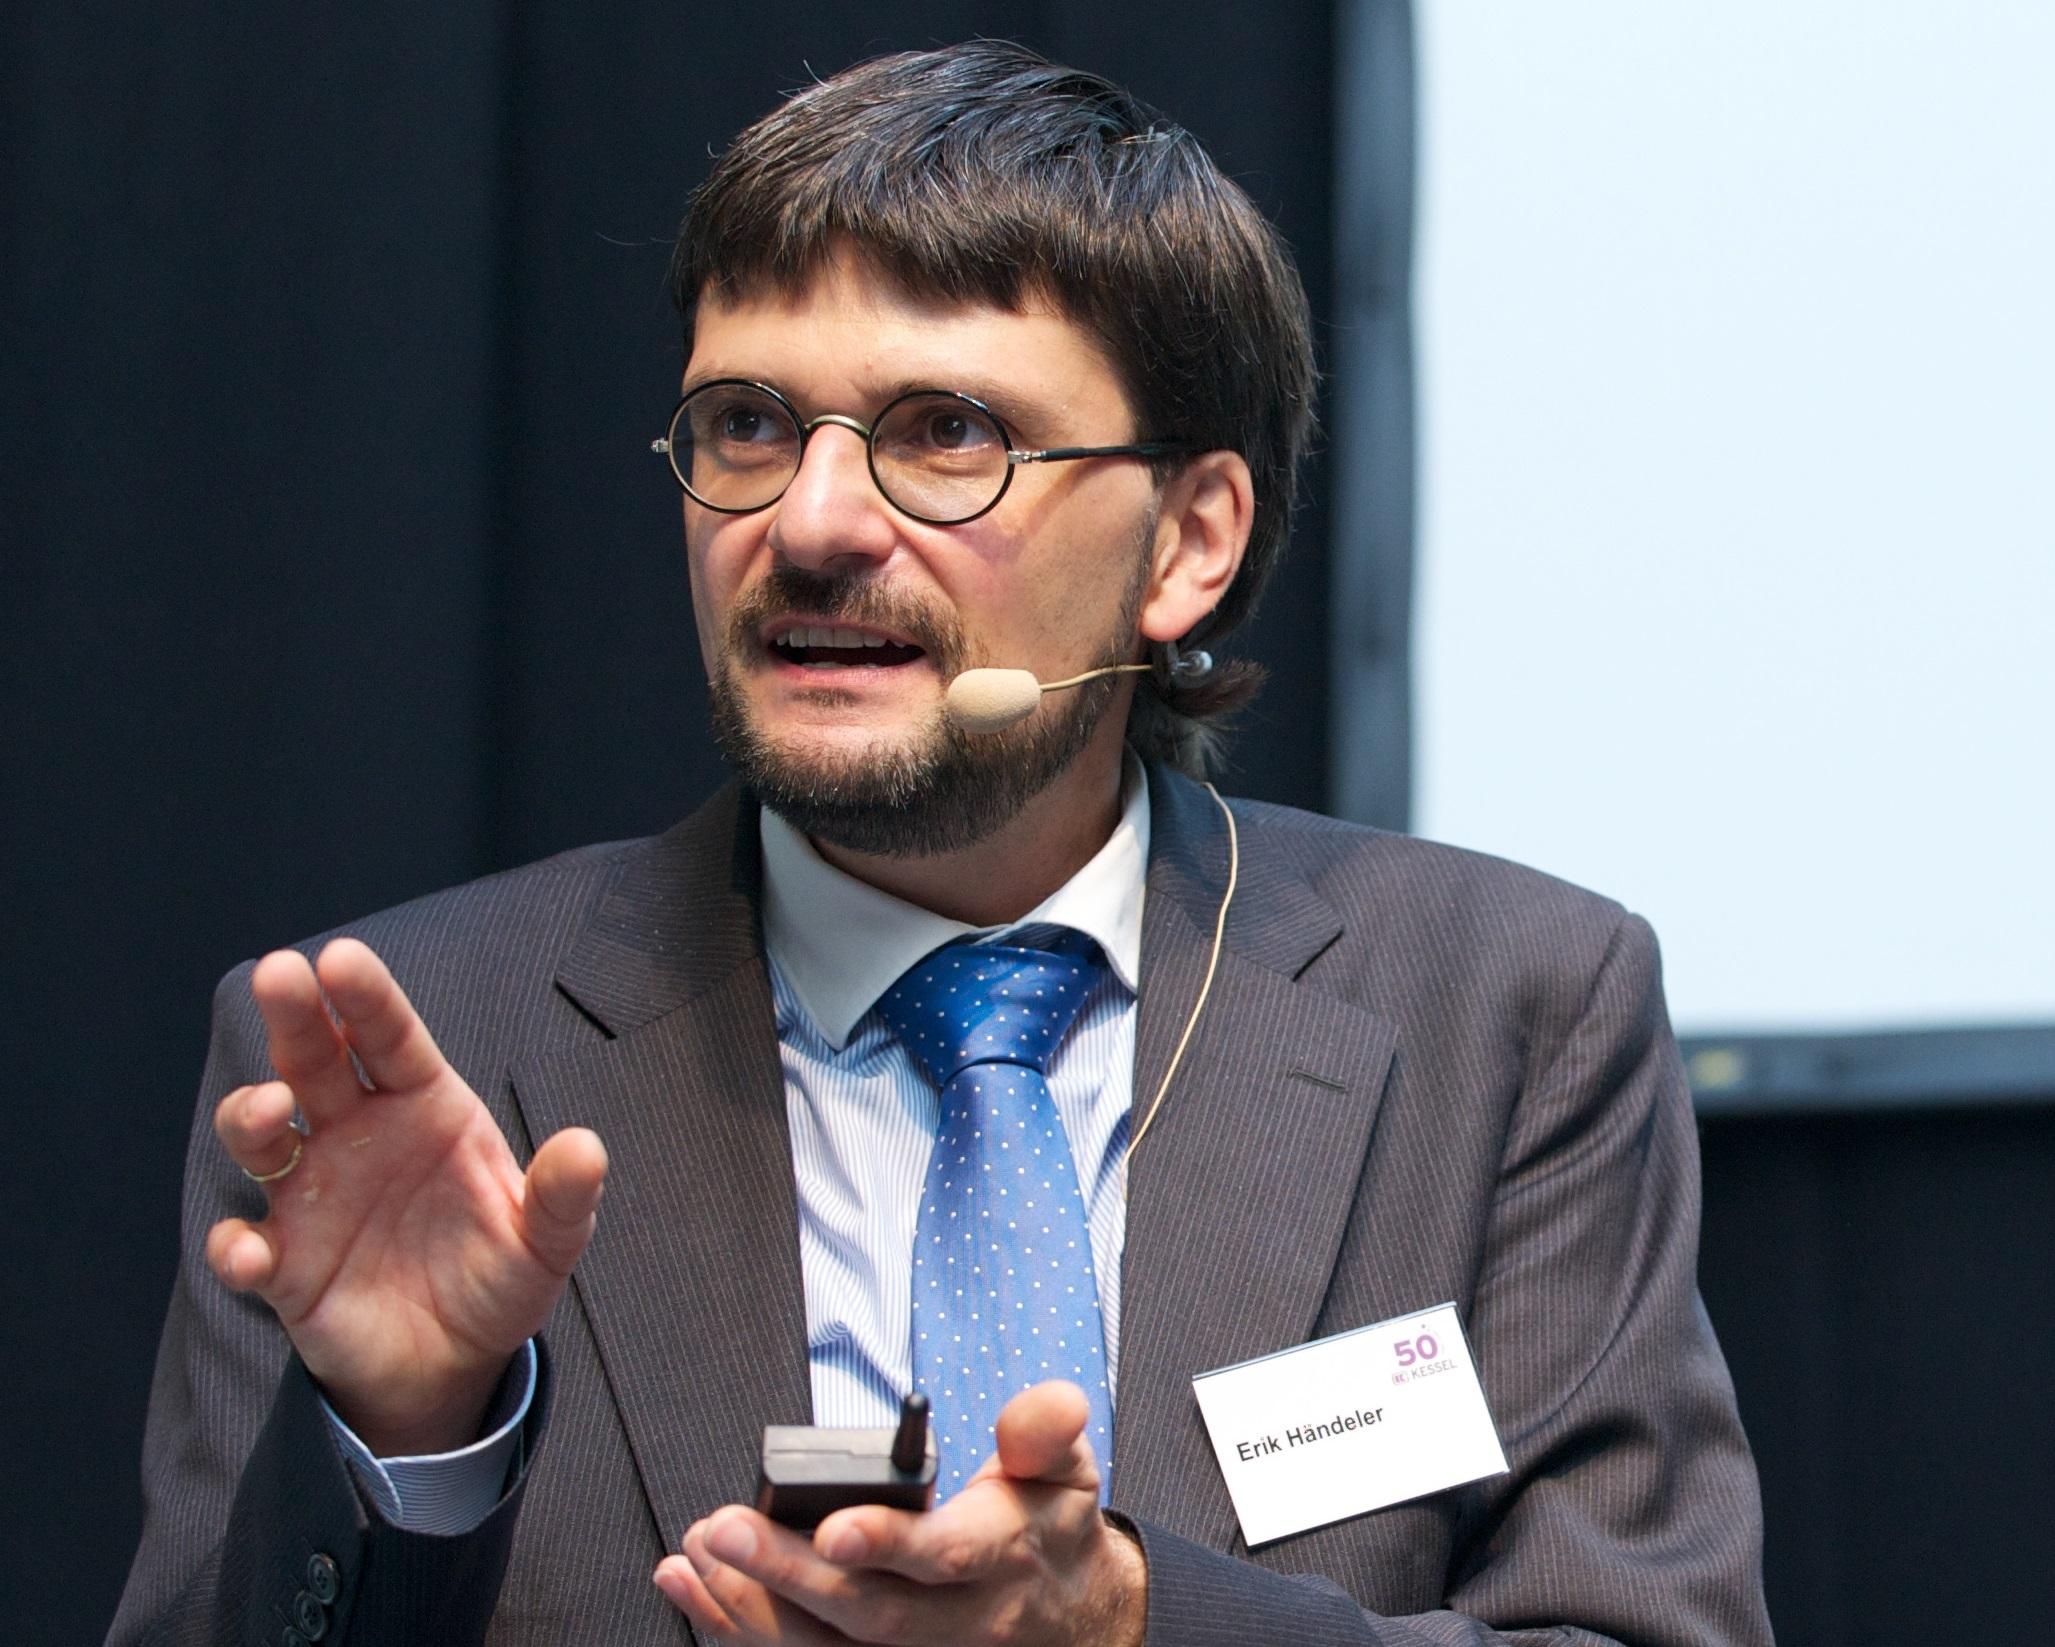 Eric Händeler Speaker